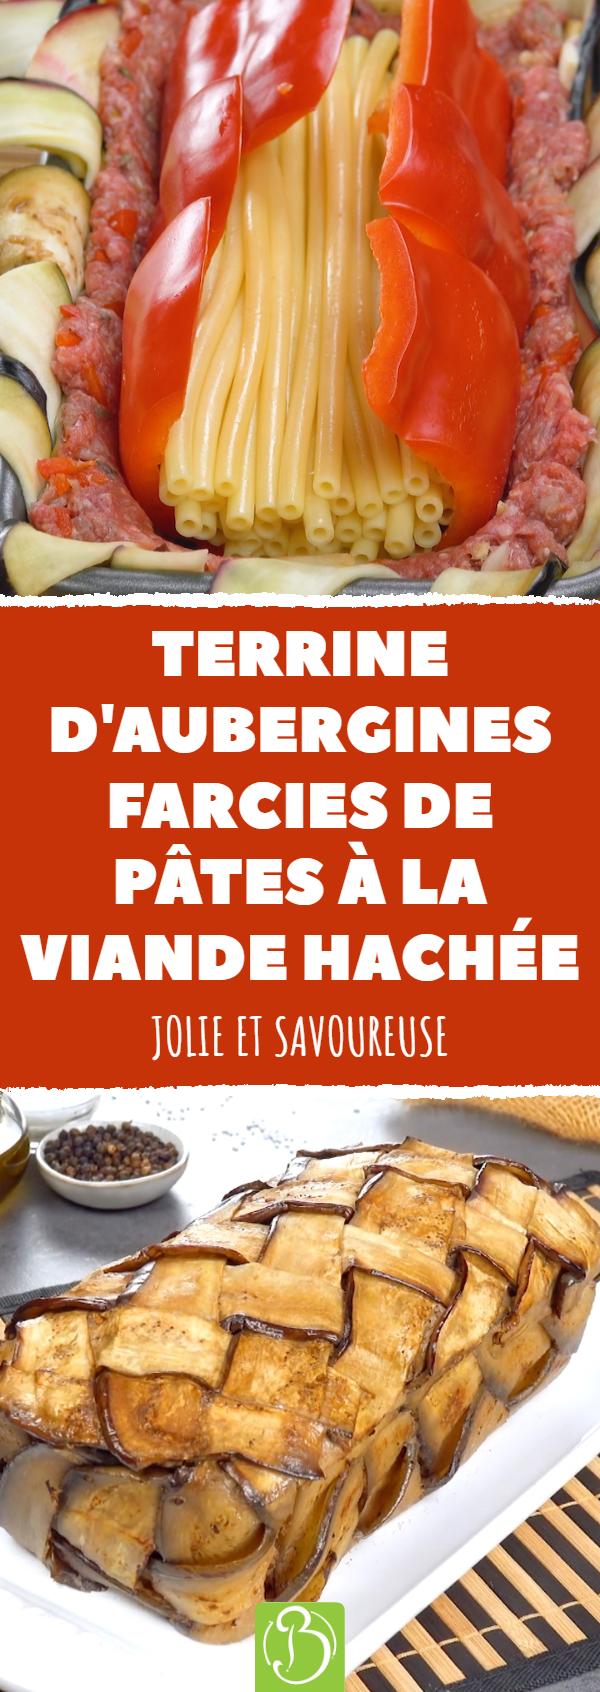 La recette suivante qui rappelle une terrine sauf que pour remplacer la couche de pâte nous utilisons des aubergines tressées la garniture est constitu&eacut...